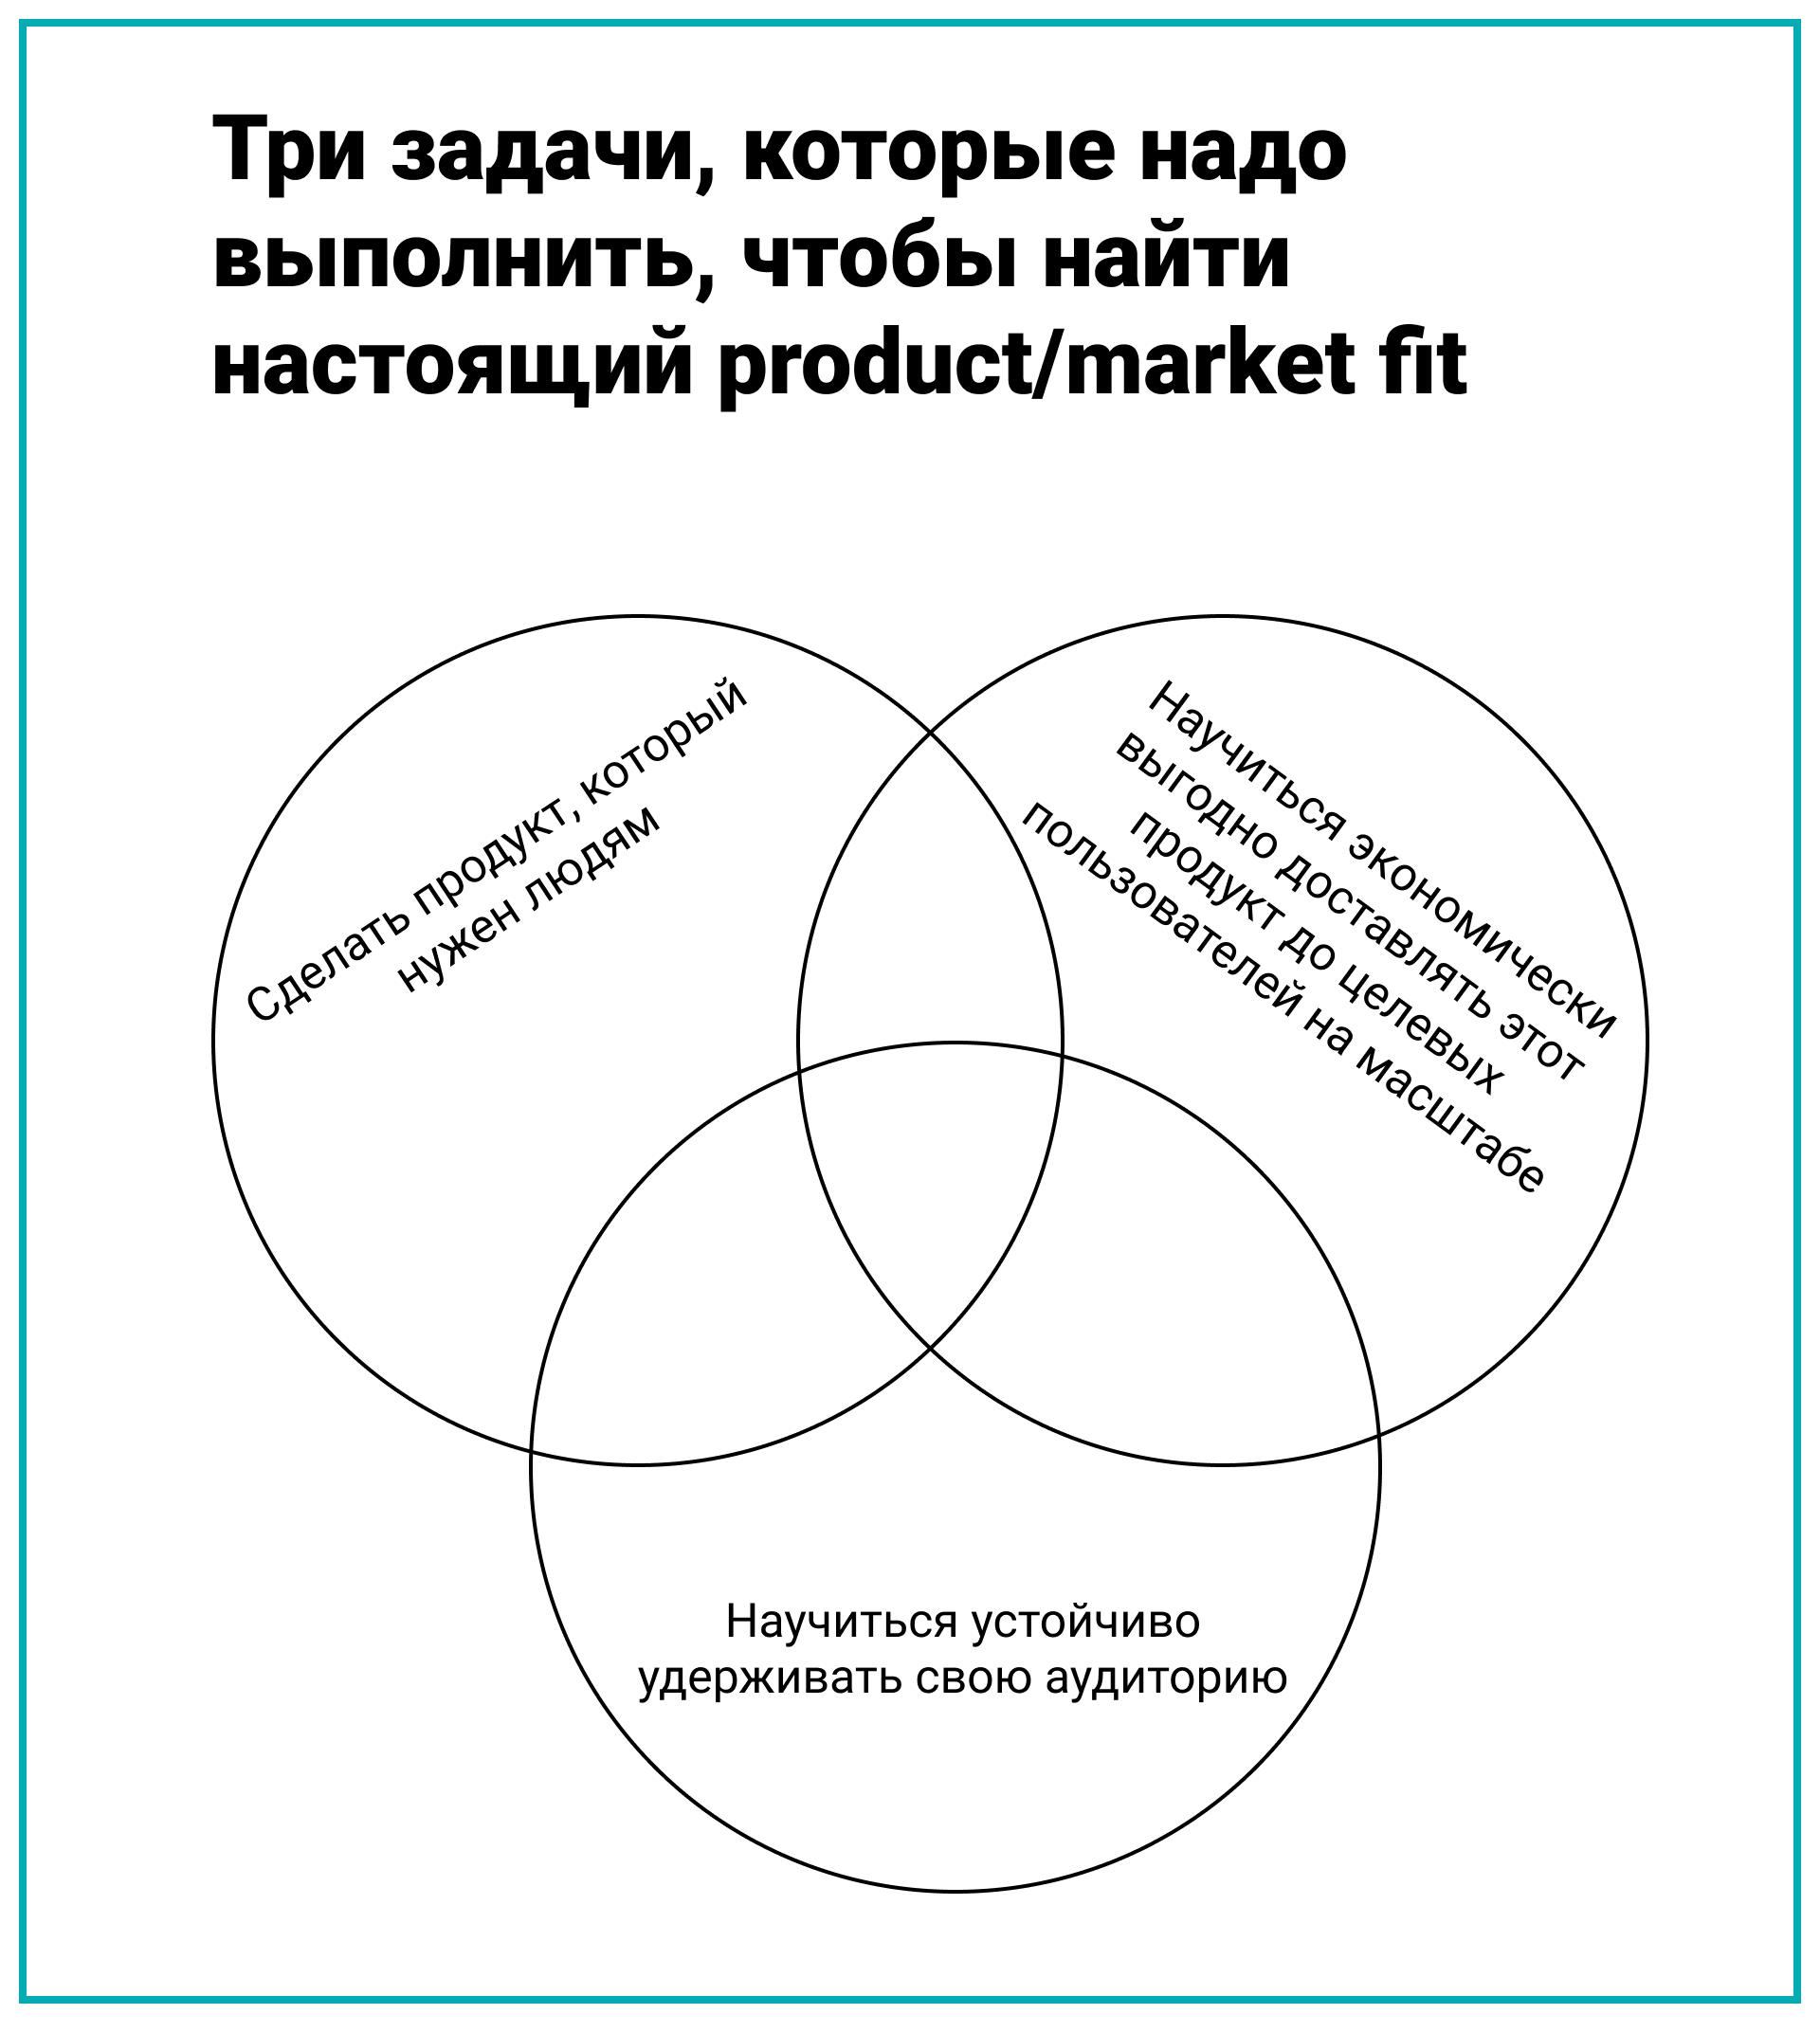 Три задачи, которые надо выполнить, чтобы найти настоящий product/market fit